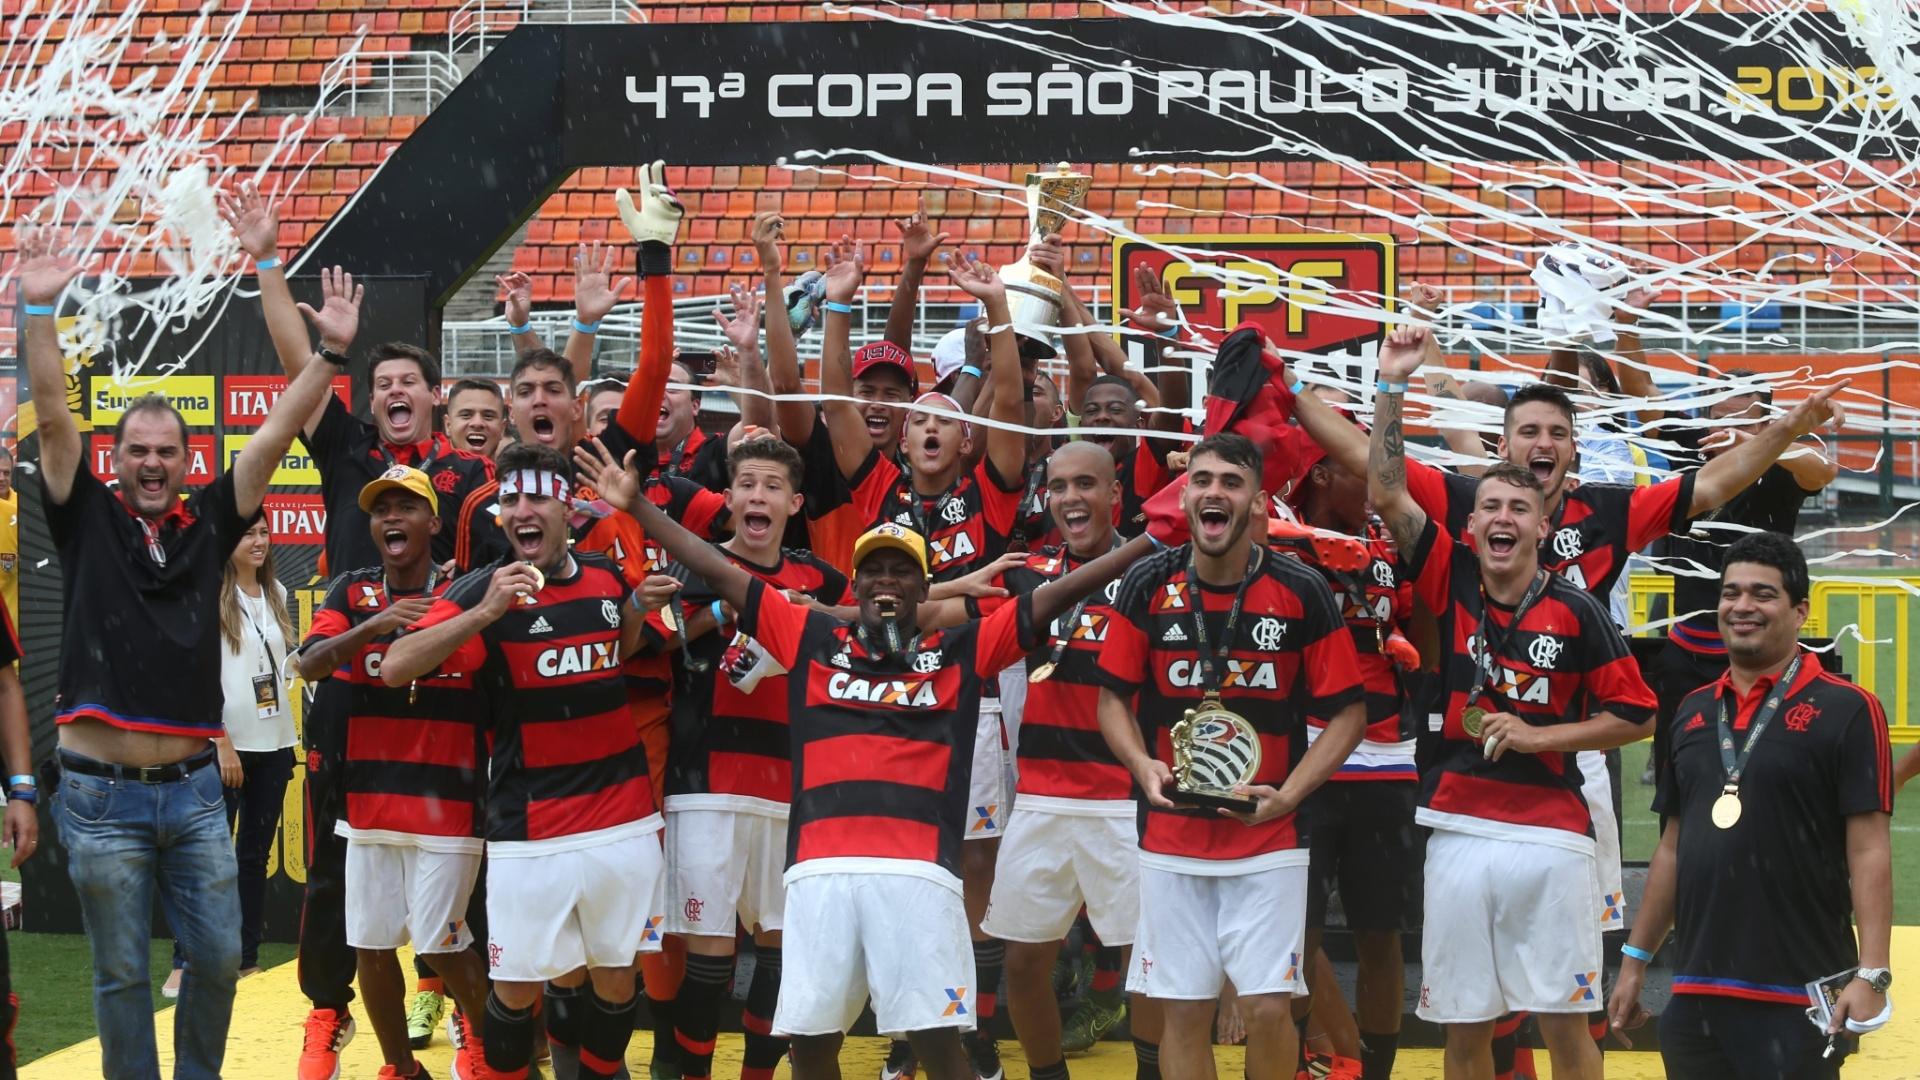 25.jan.2016 - Time do Flamengo comemora a conquista da Copa São Paulo de Futebol Júnior, nesta segunda-feira, após vencer o Corinthians nos pênaltis no estádio do Pacaembu, na capital paulista. A equipe rubro-negra sofreu dois gols no primeiro tempo, mas reagiu na etapa final e venceu por 4 a 3 nas penalidades após o empate por 2 a 2 no tempo normal. Foi o terceiro título do Flamengo na Copinha, principal torneio de juniores do país - o clube também levou a taça nas edições de 1990 e 2011